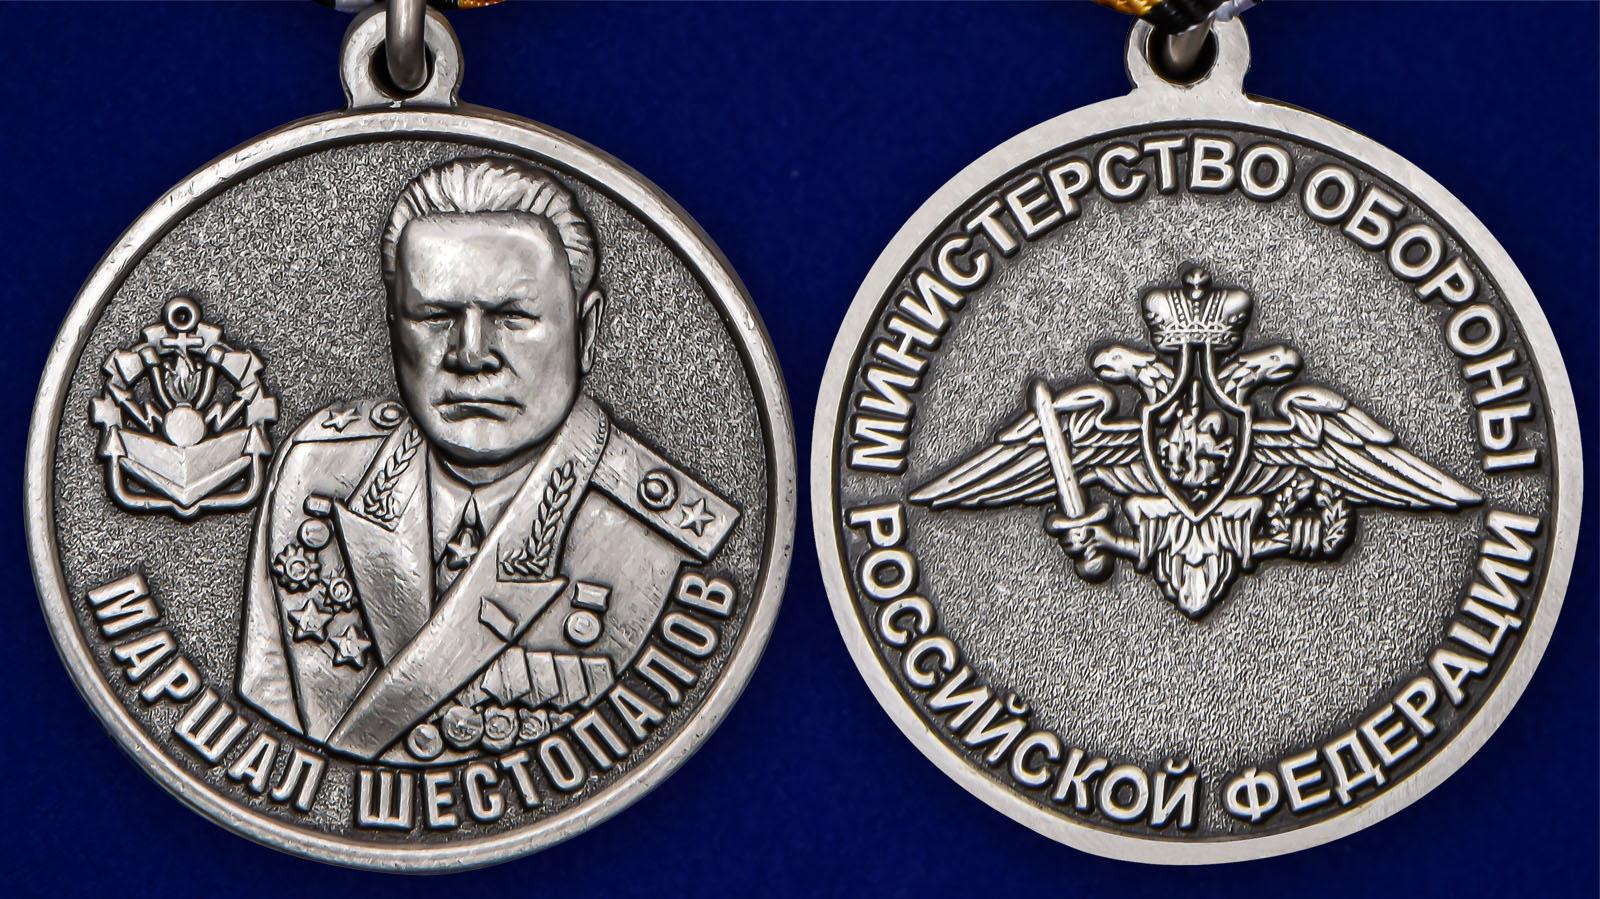 Латунная медаль Маршал Шестопалов МО РФ - аверс и реверс